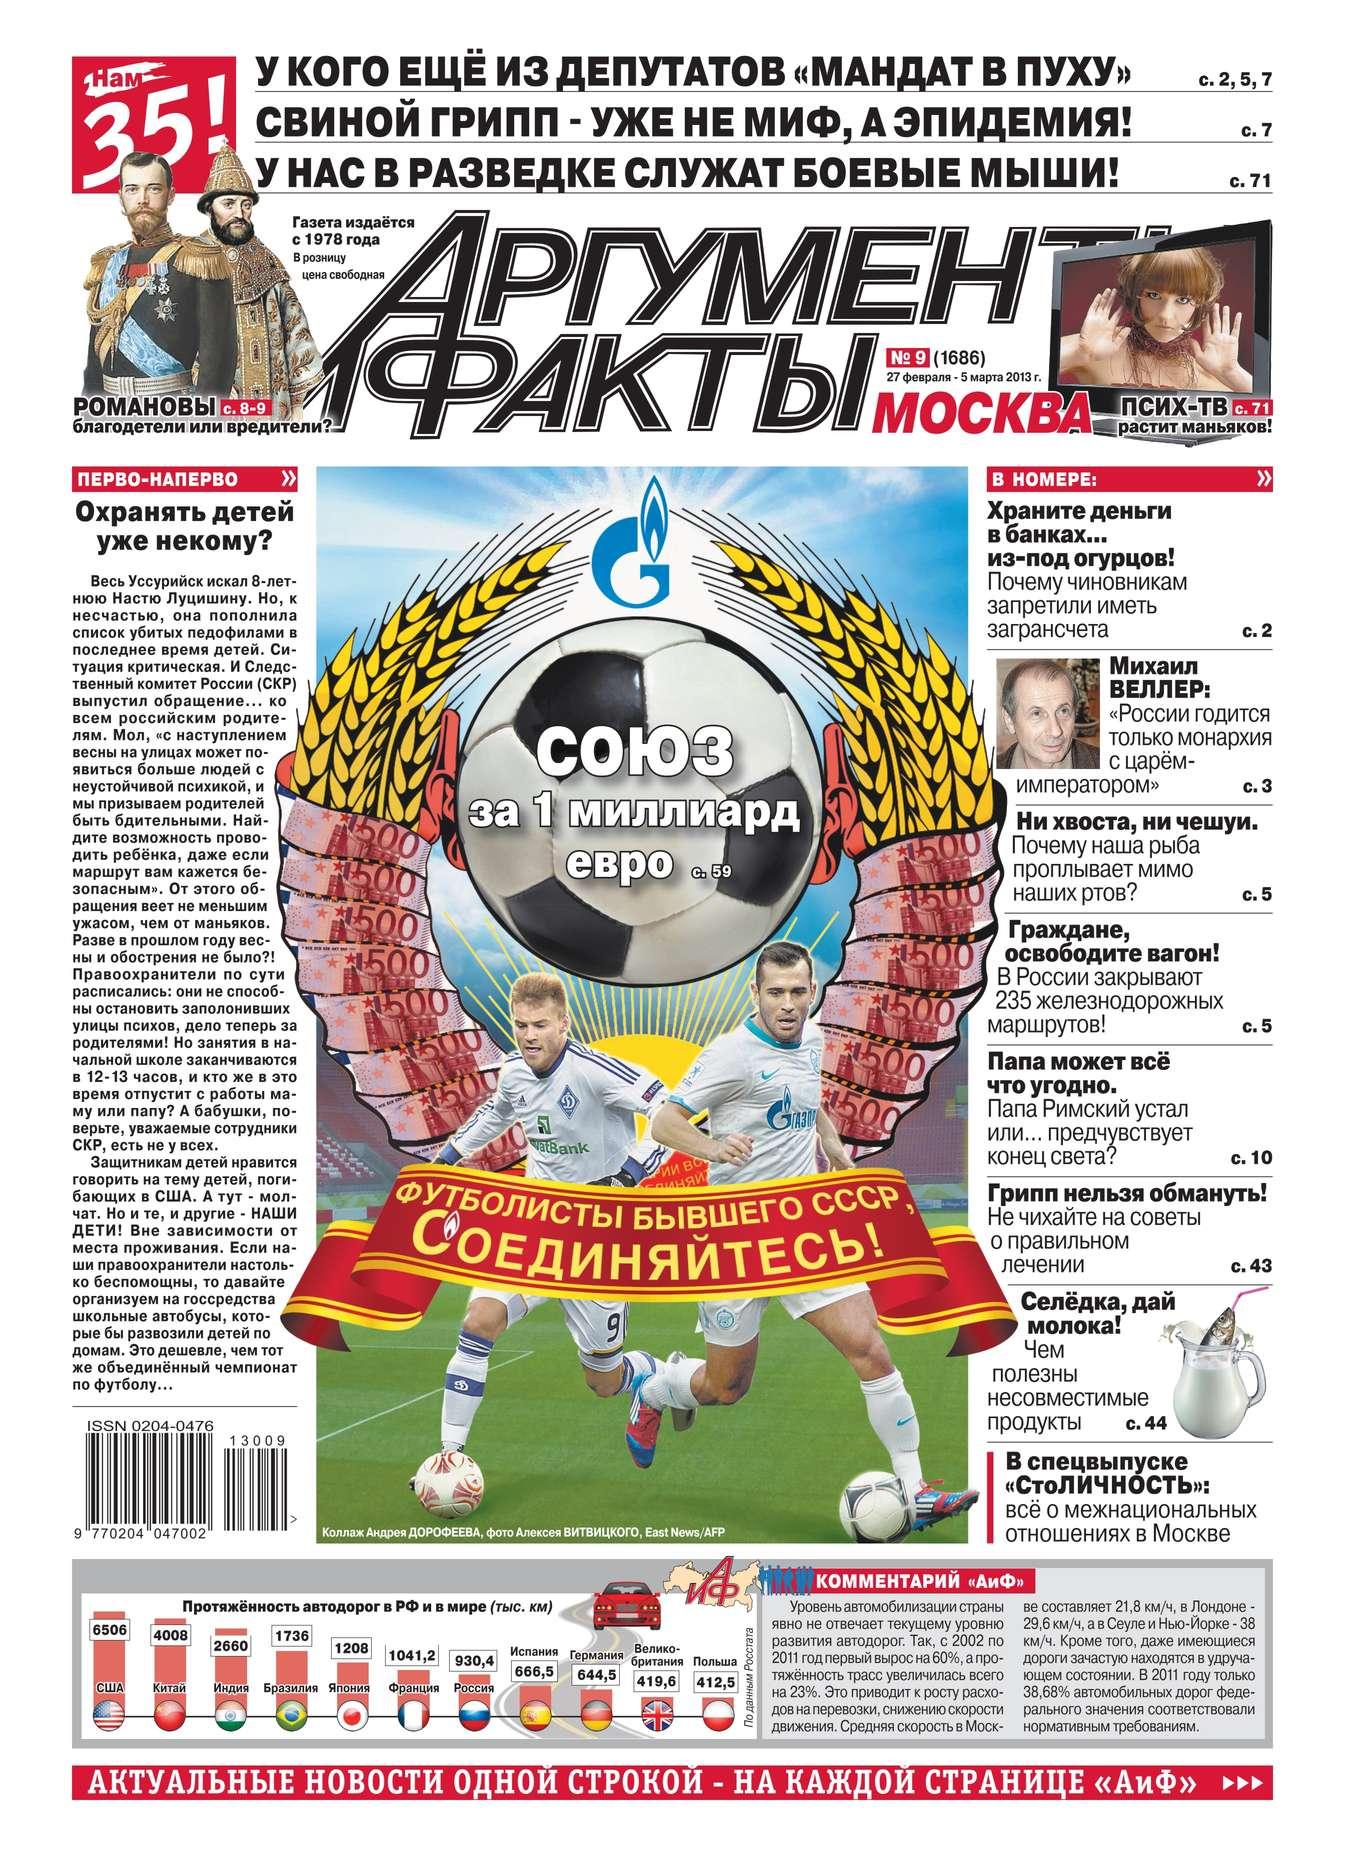 Редакция журнала Аиф. Про Кухню Аргументы и факты 09-2013